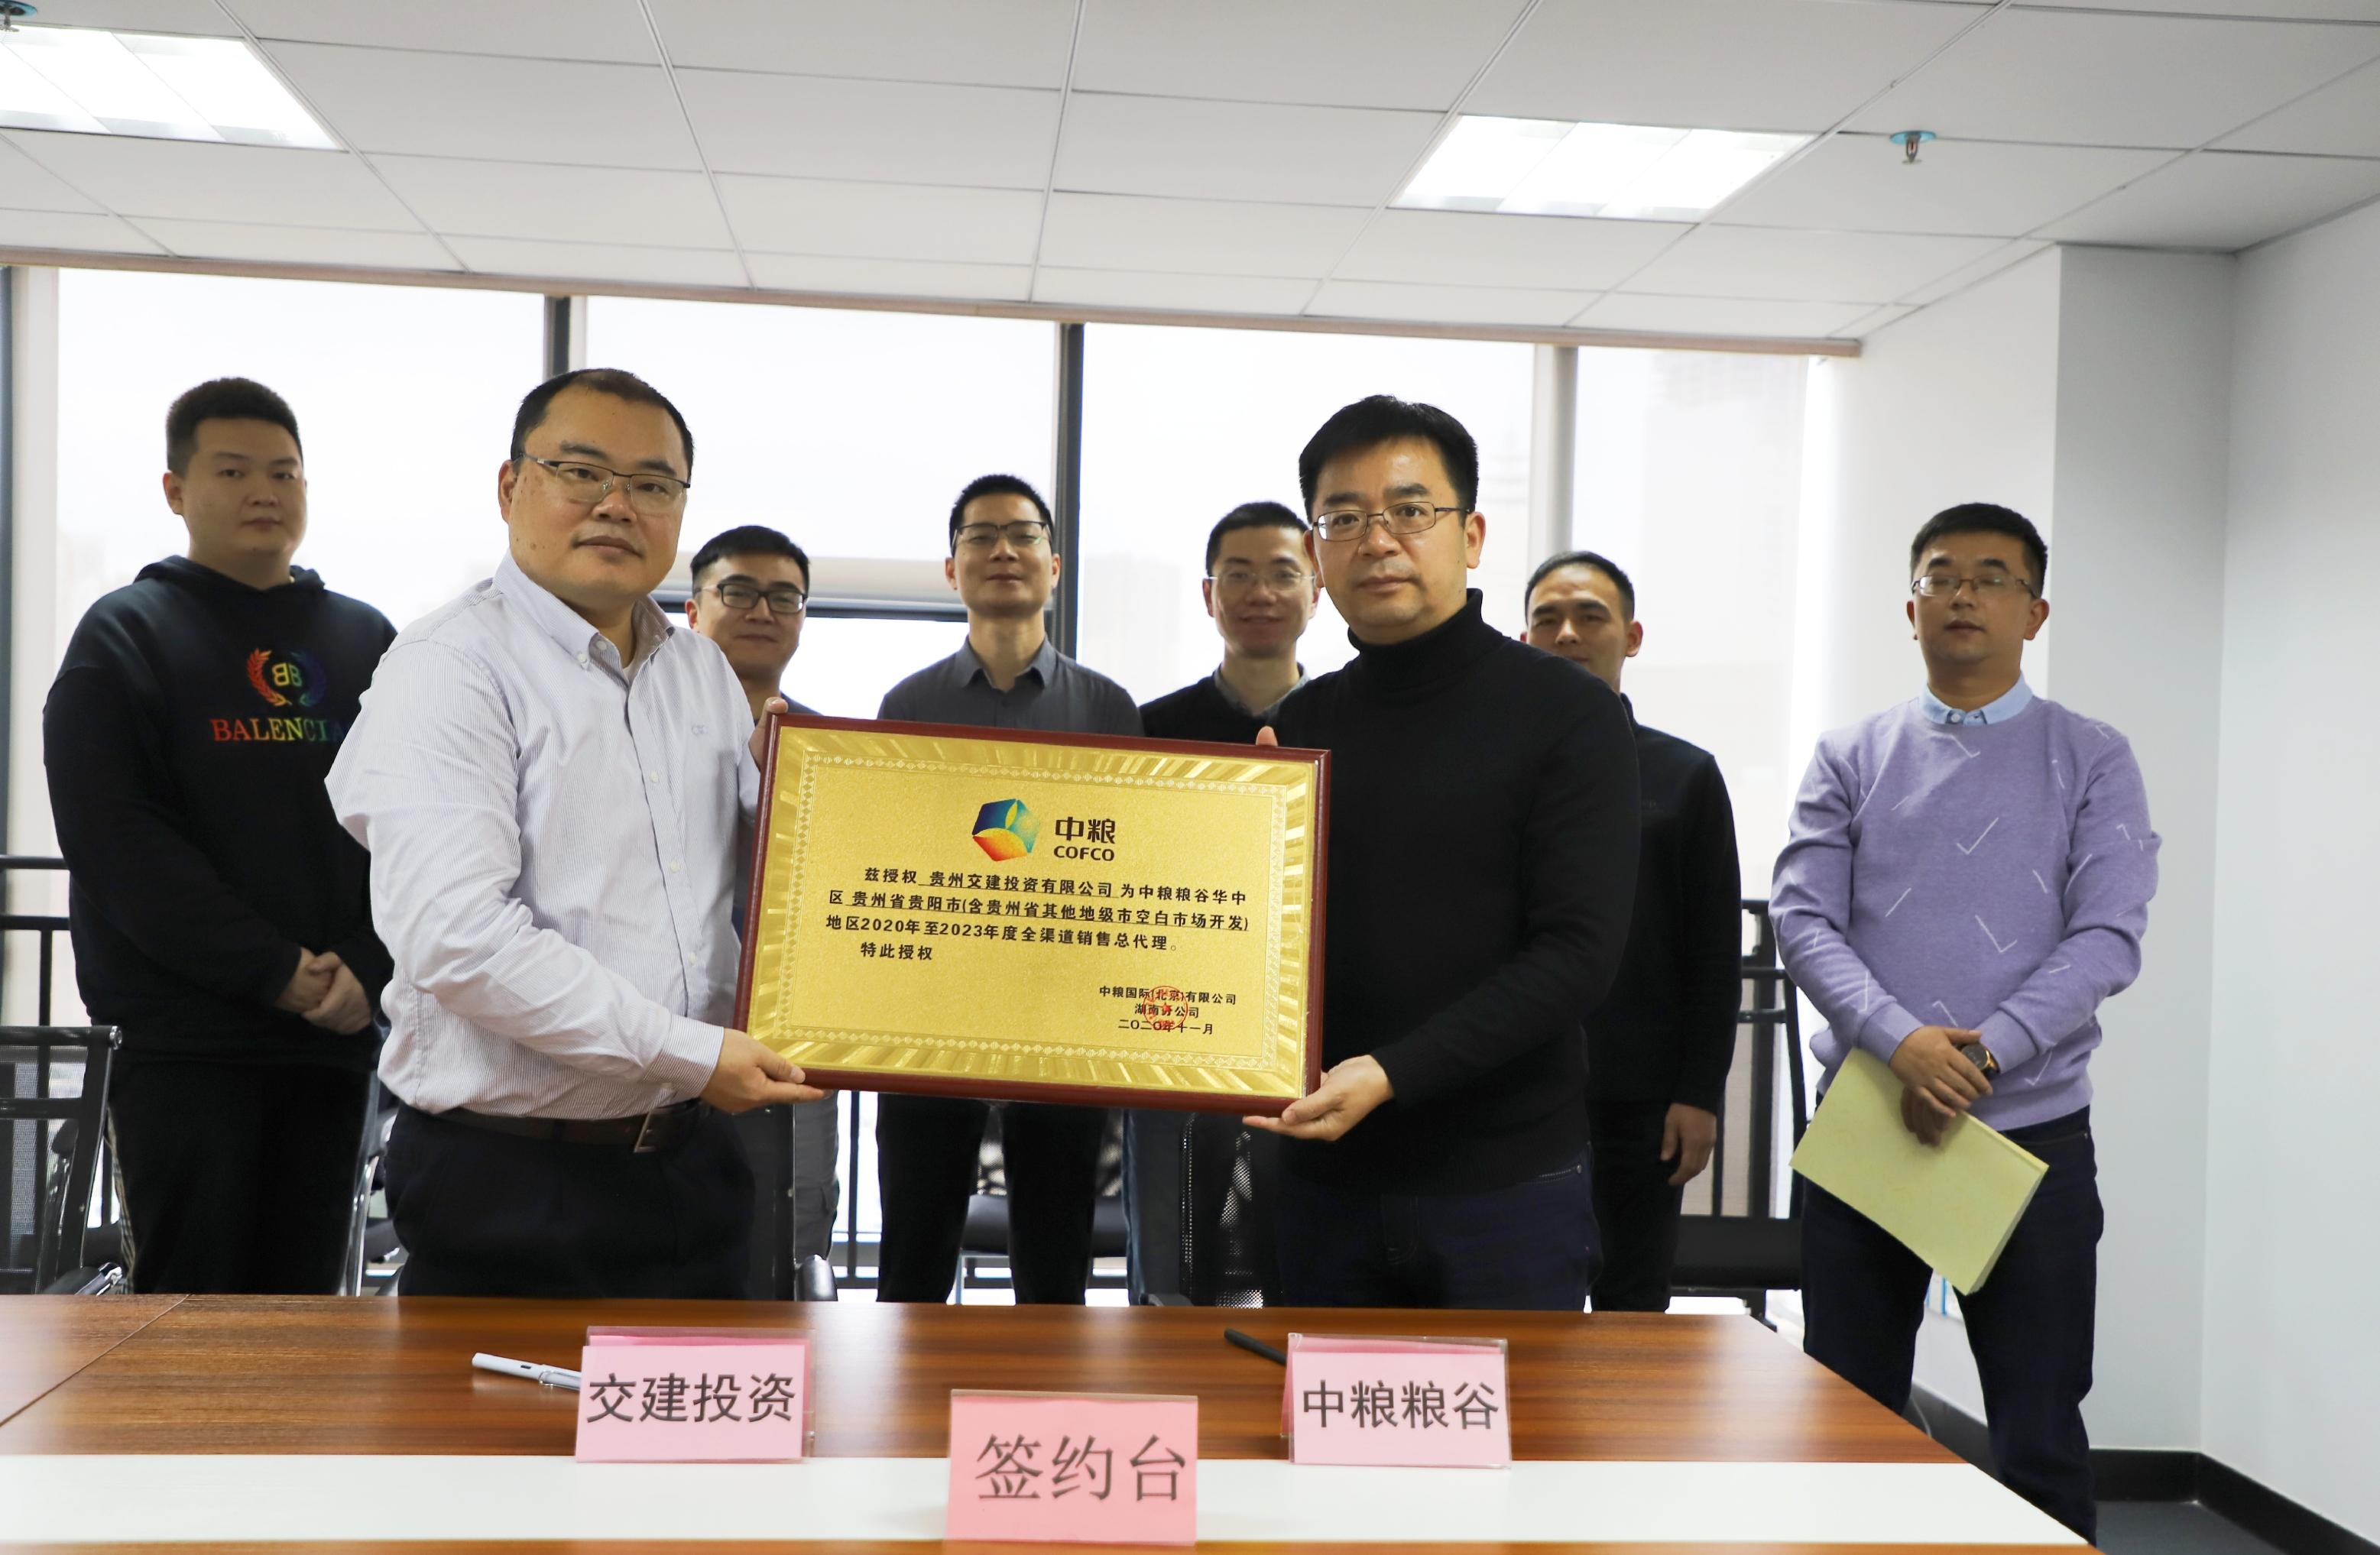 中粮国际(北京)有限公司湖南分公司与投资公司签订合作协议并举行授牌仪式